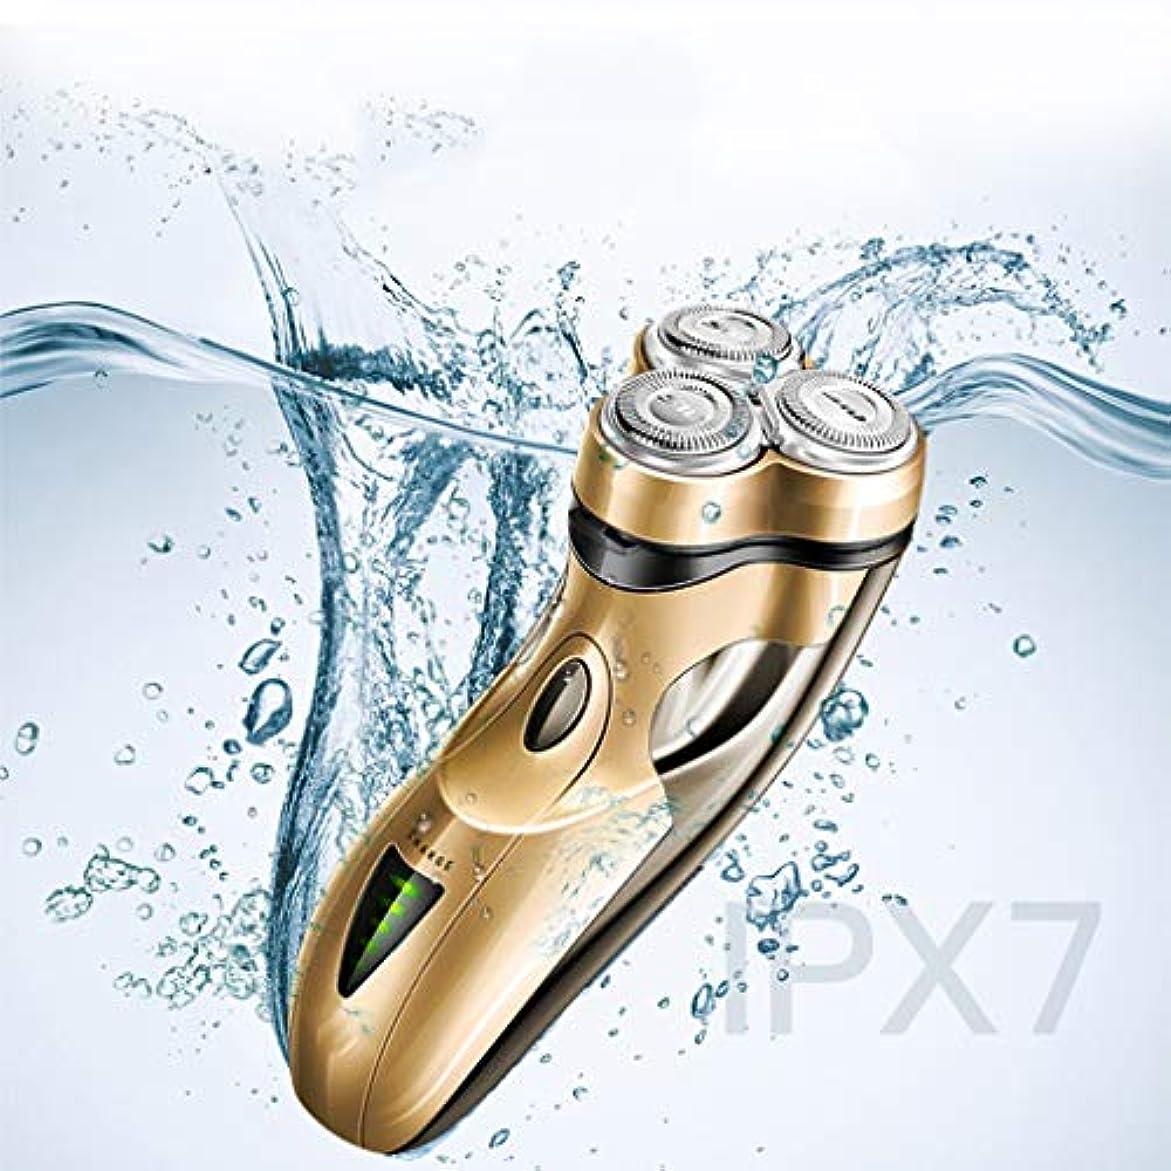 理想的にはコーデリア因子JCCOZ USB充電式電気シェーバードライおよびウェットヒゲトリマーオールラウンドクリーニング顔の残留物サポートボディウォッシュ